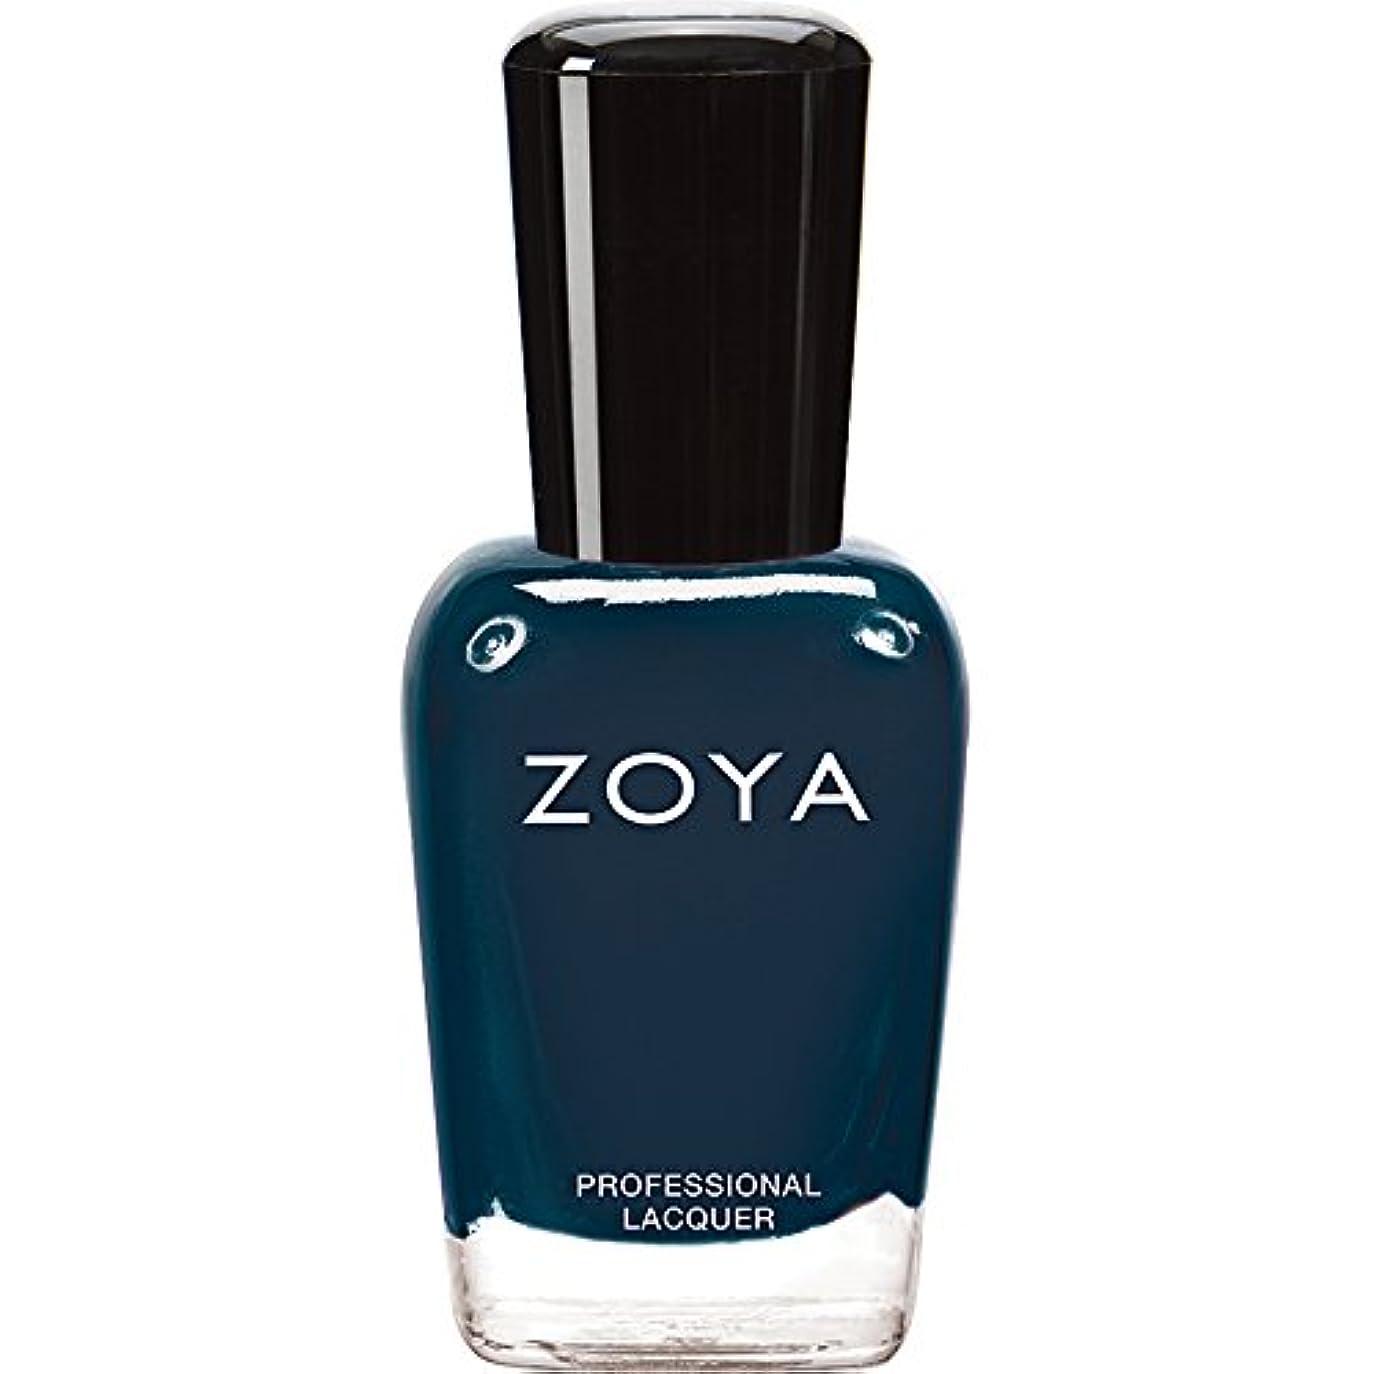 近代化する最初昨日ZOYA ゾーヤ ネイルカラー ZP629 NATTY ナッティ 15ml  2012 DESIGNER COLLECTION スモーキーなスチールブルー マット 爪にやさしいネイルラッカーマニキュア